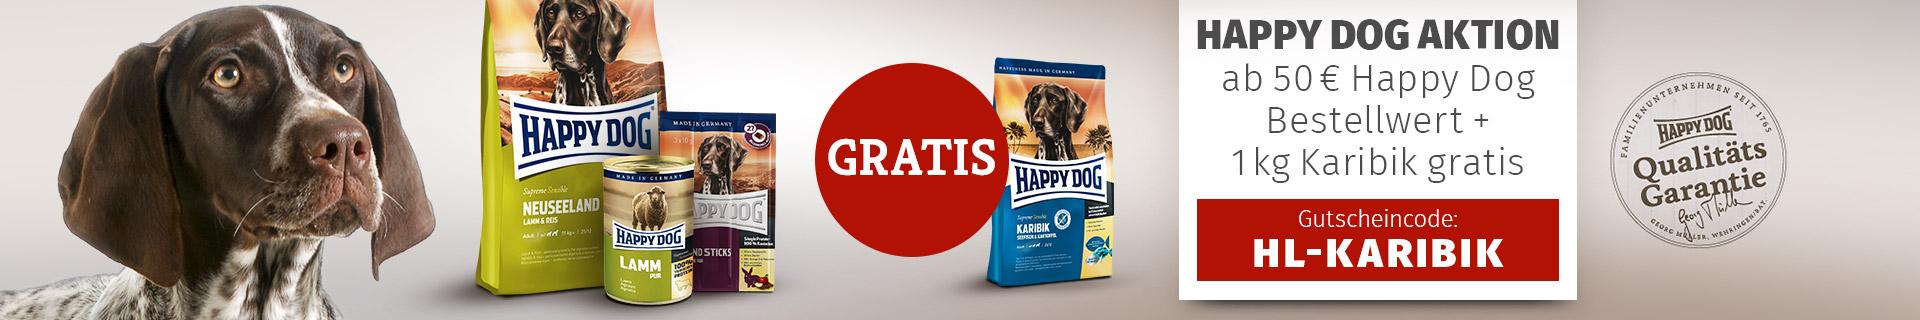 Happy Dog Supreme Sensible Karibik ab 50 EUR Einkauf 1kg gratis erhalten